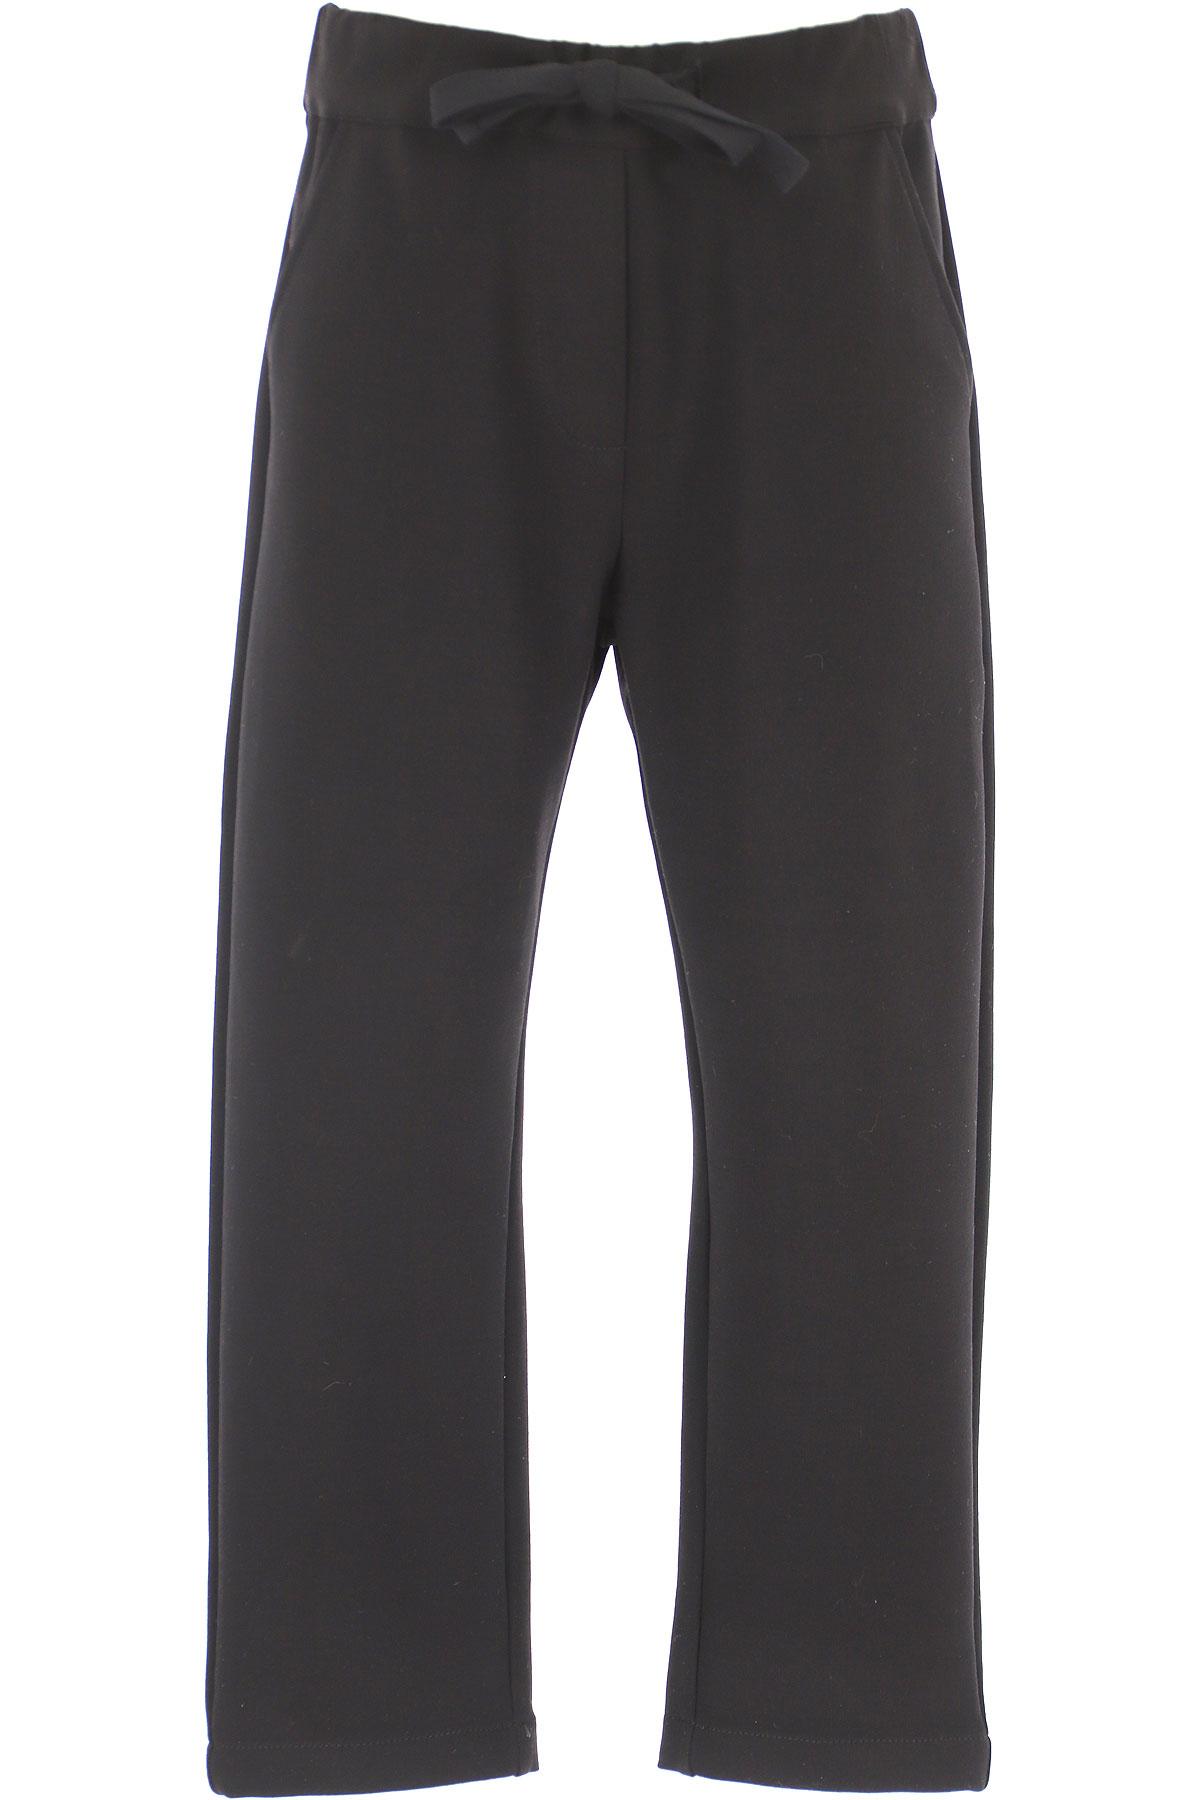 Vicolo Kids Sweatpants for Girls On Sale, Black, Cotton, 2019, 12Y 6Y 8Y